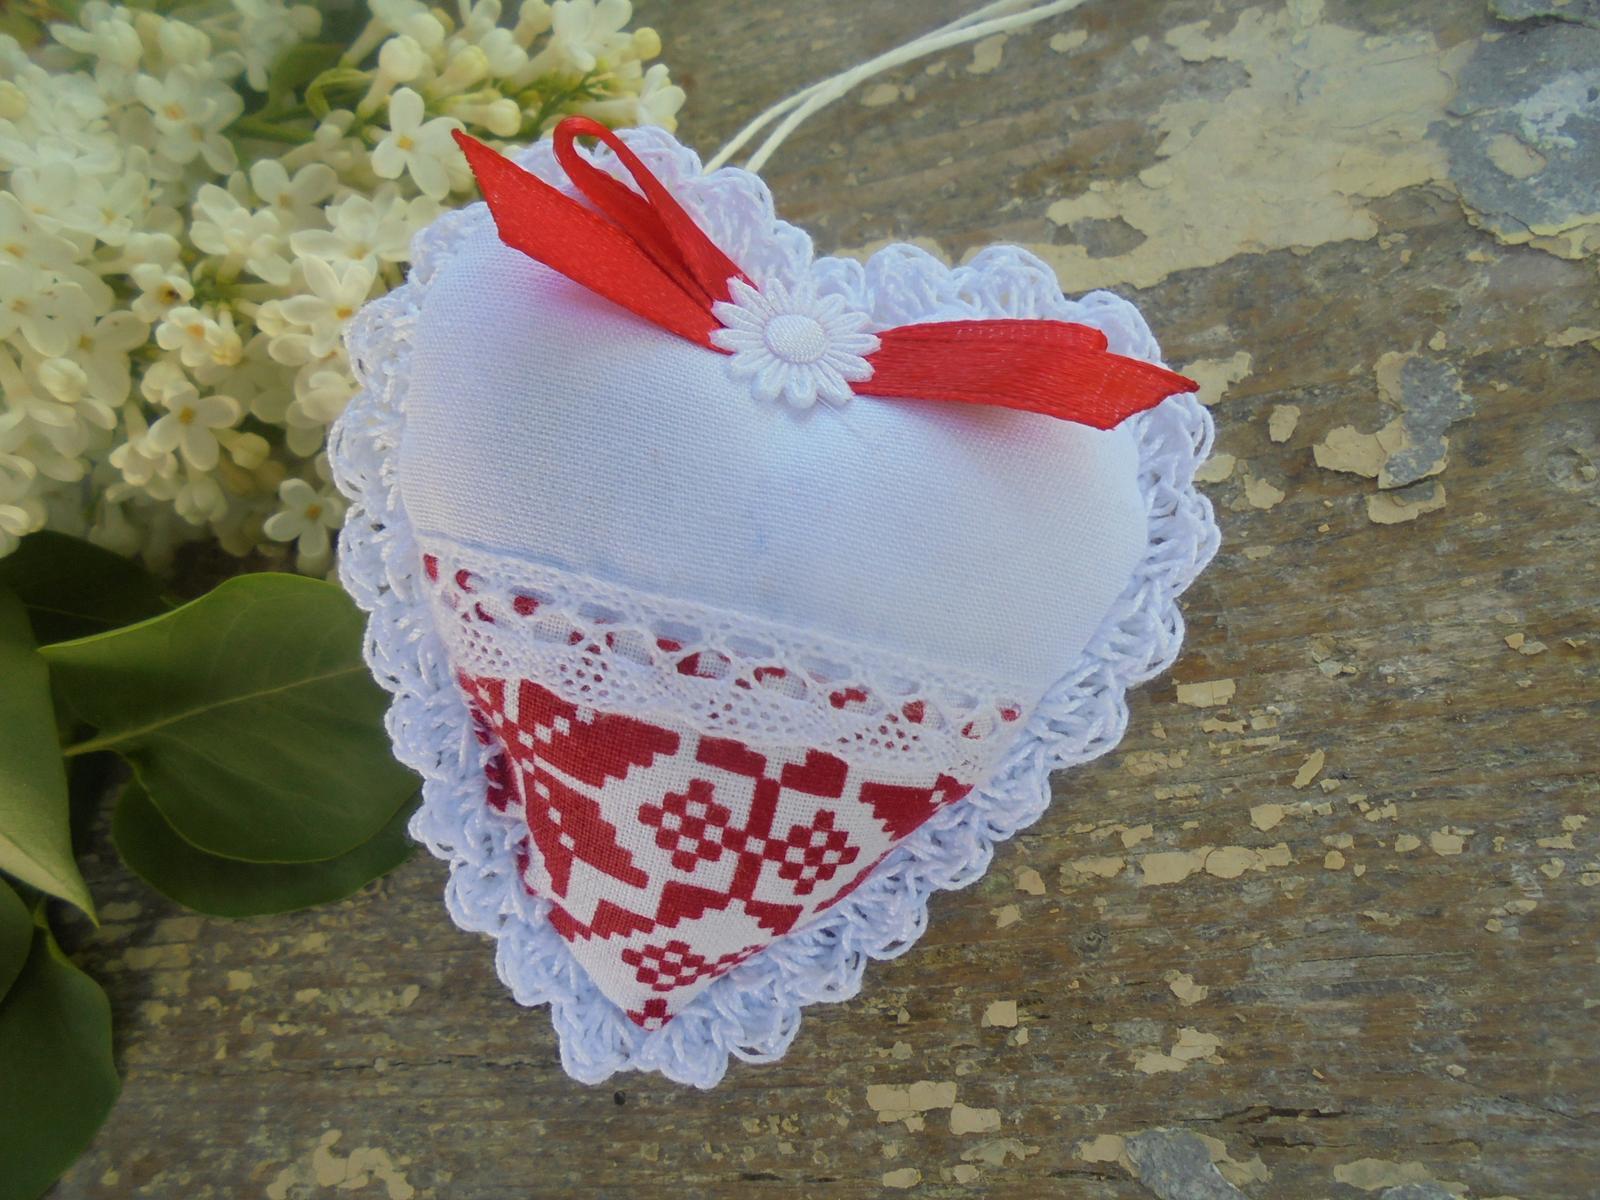 Svadobné darčeky od novomanželov - Obrázok č. 3